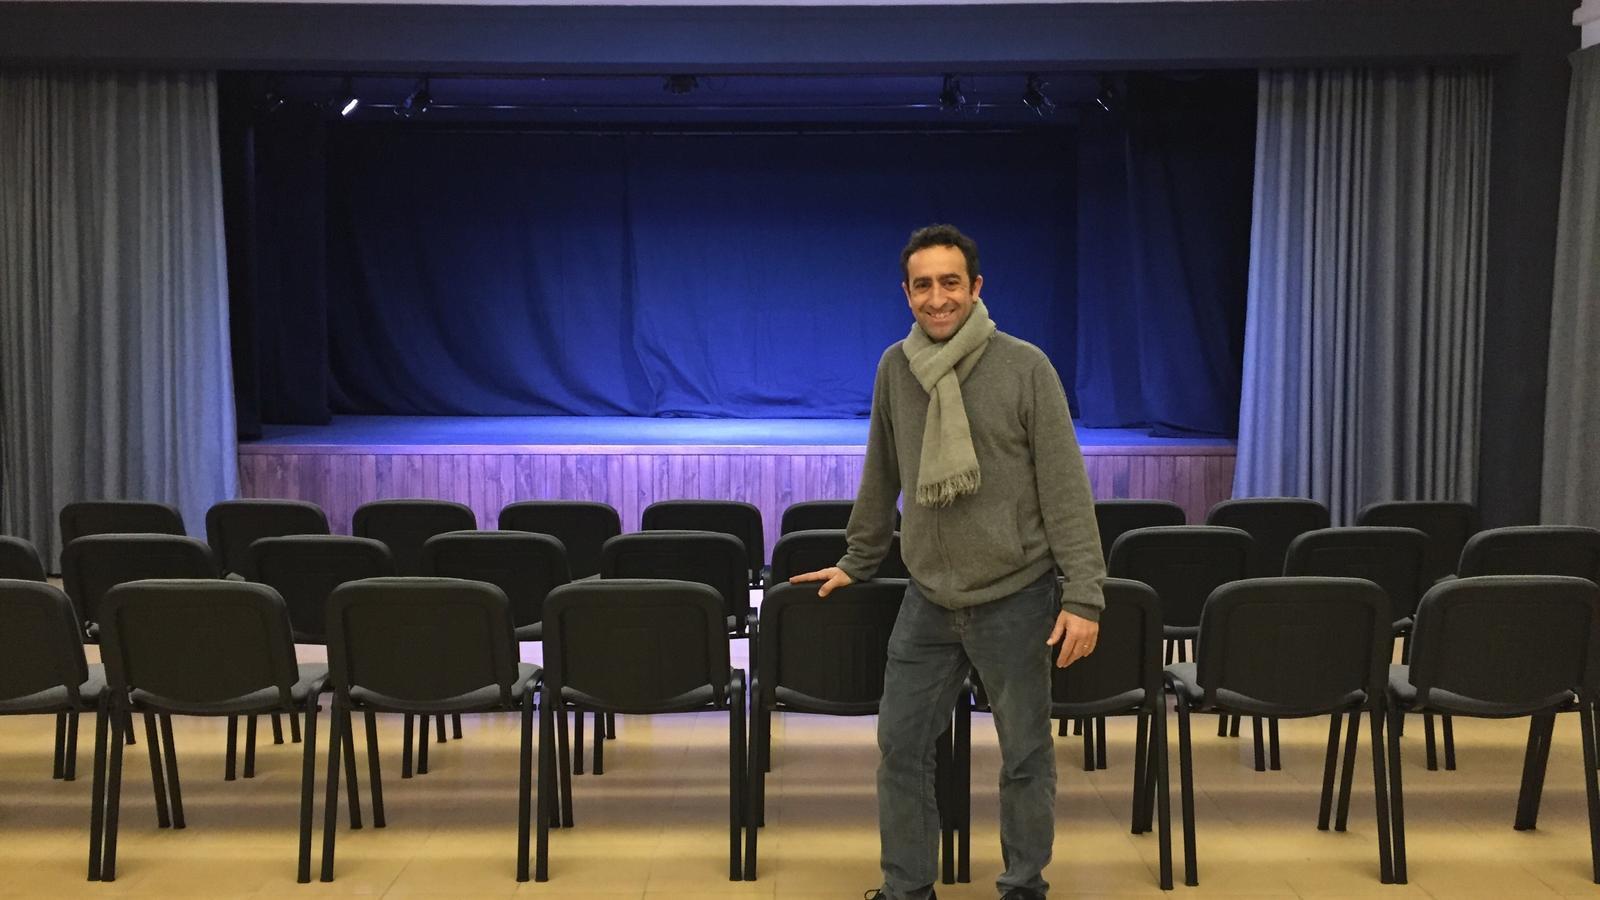 El regidor de Cultura, davant la nova sala.